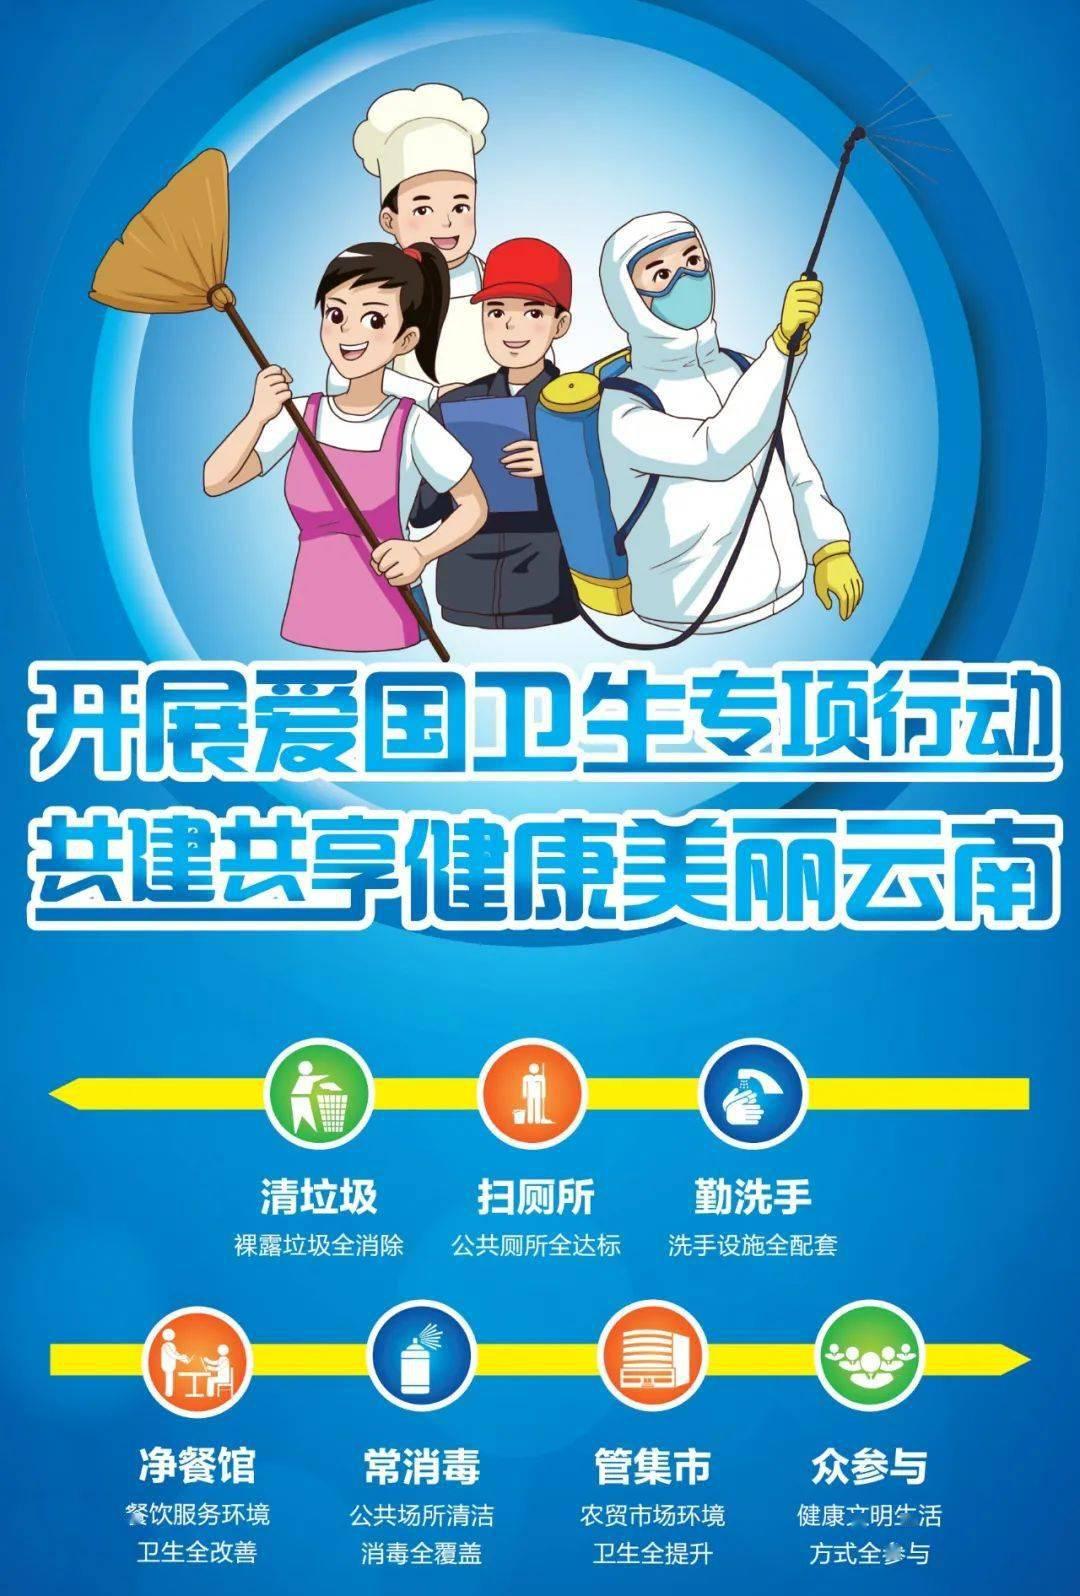 【健康全科普】云南省推进爱国卫生专项行动